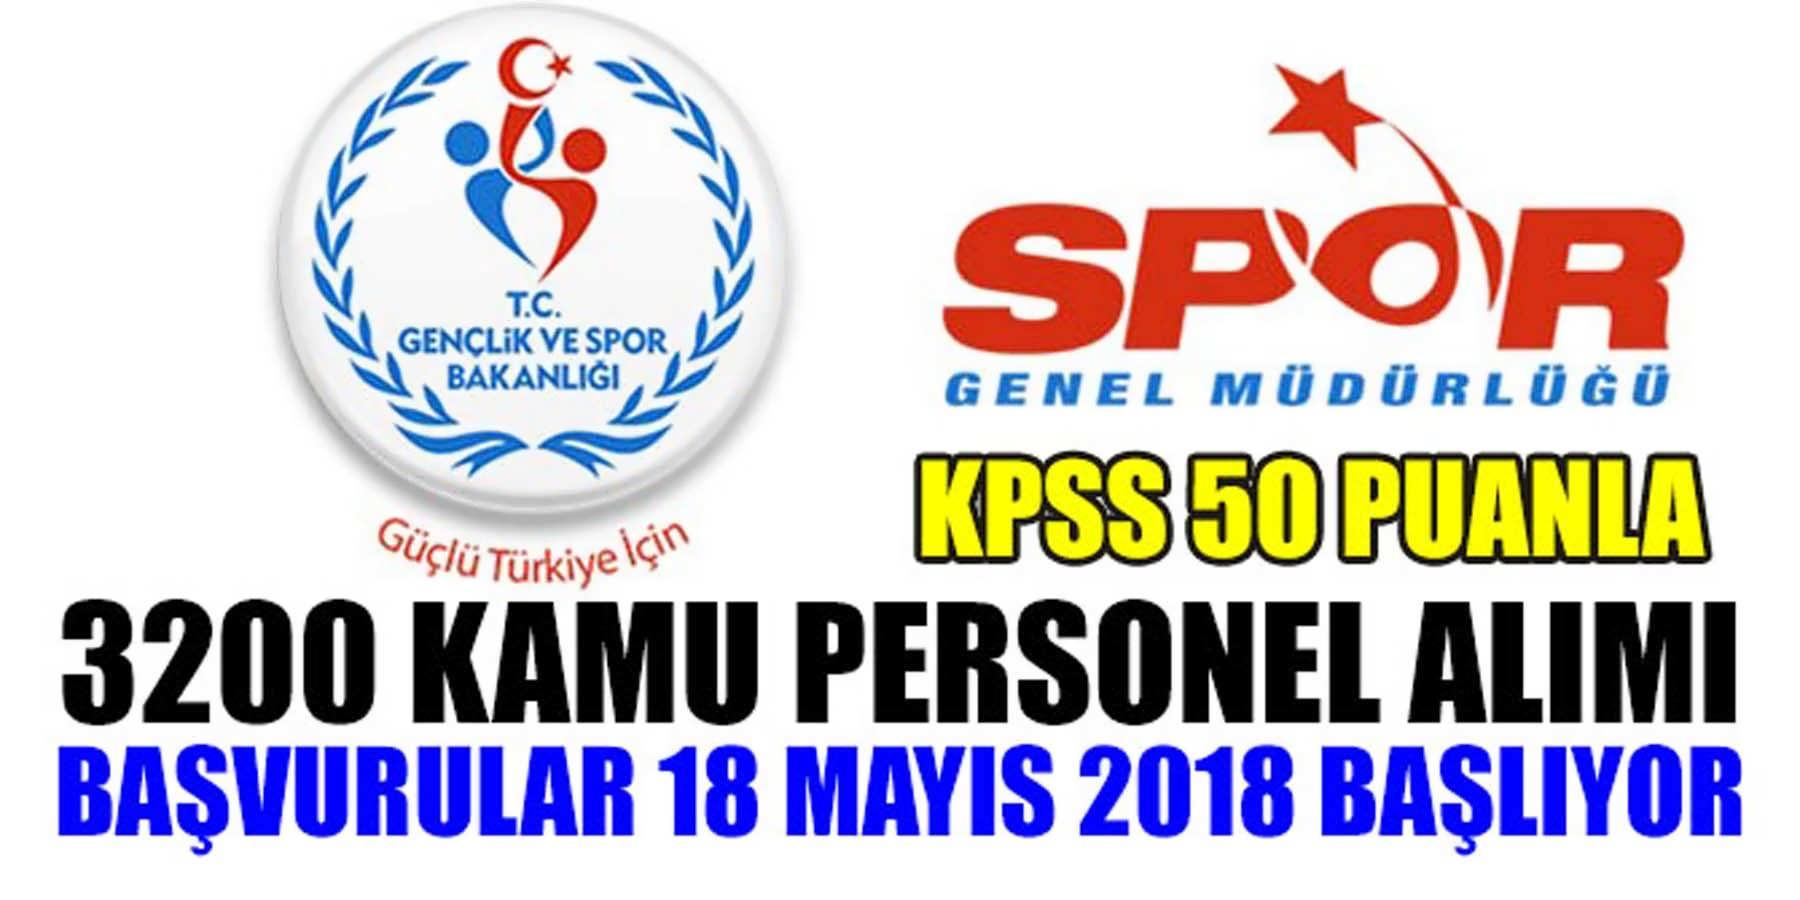 Gençlik Bakanlığı KPSS 50 Puanla 3 Bin 200 Personel Alımı Başlıyor!